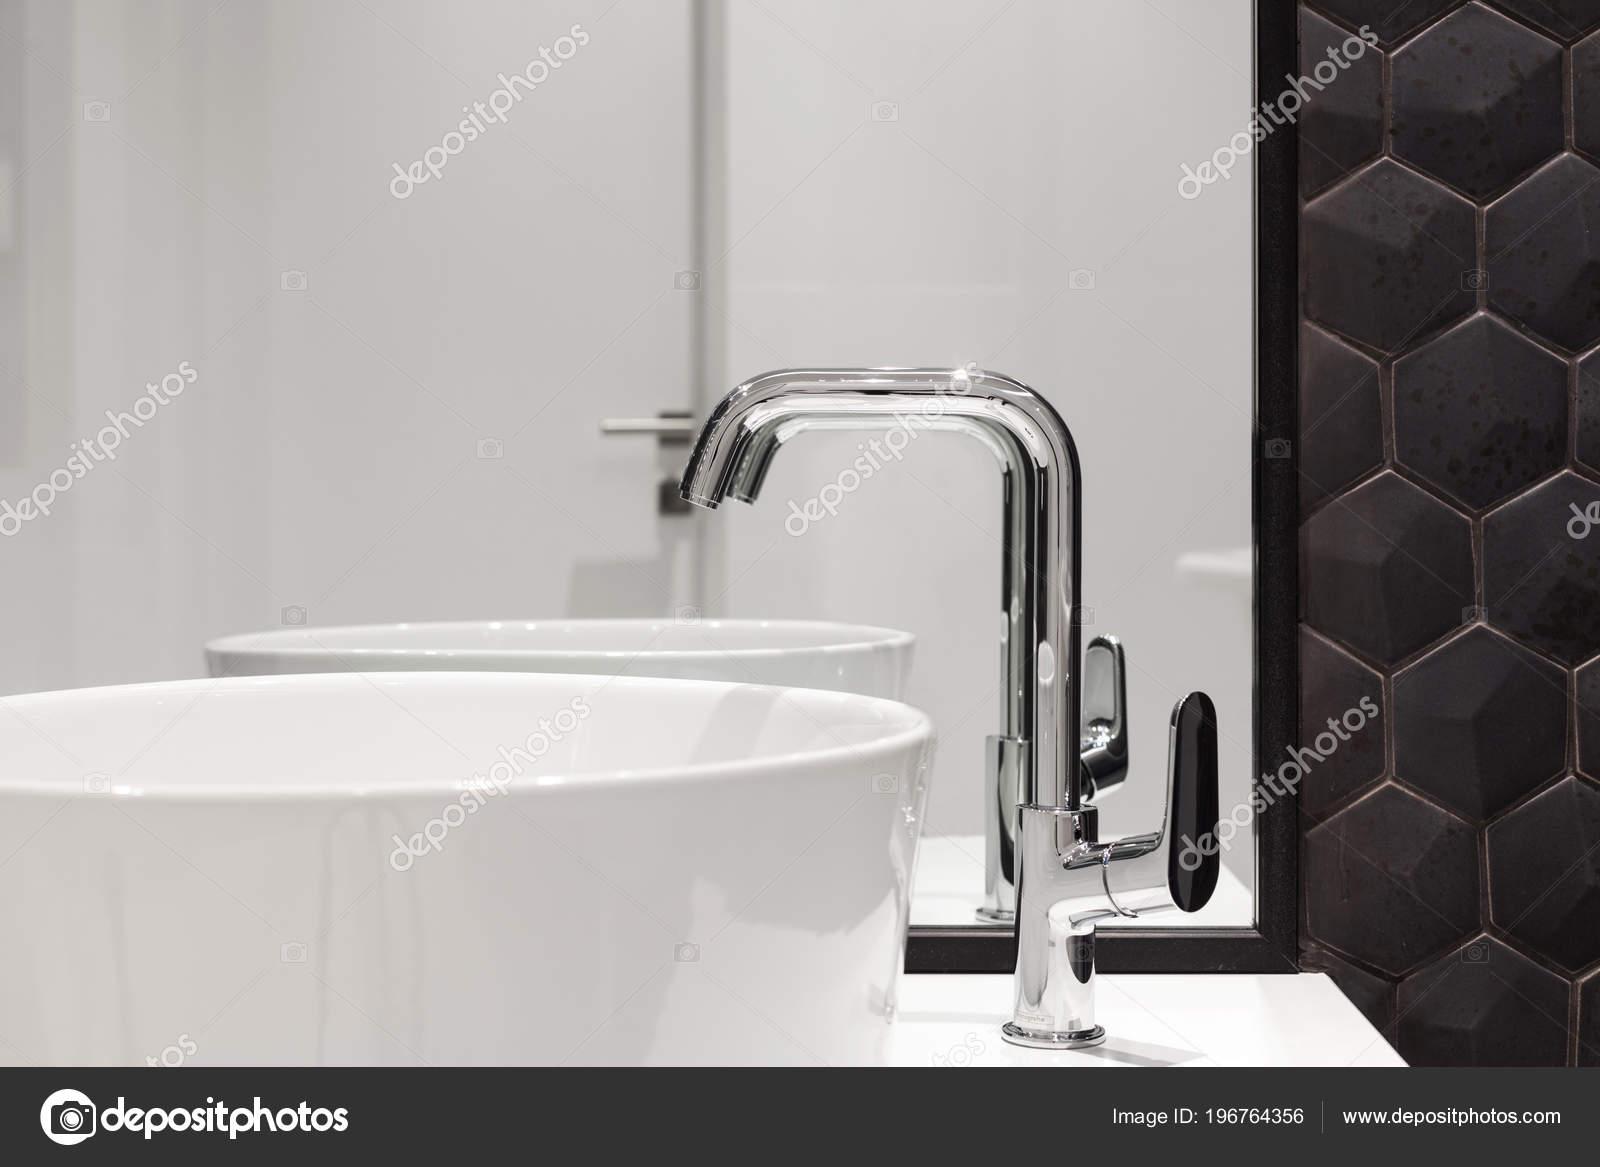 Grote Wastafel Badkamer : Element van badkamer interieur met witte wastafel grote spiegel